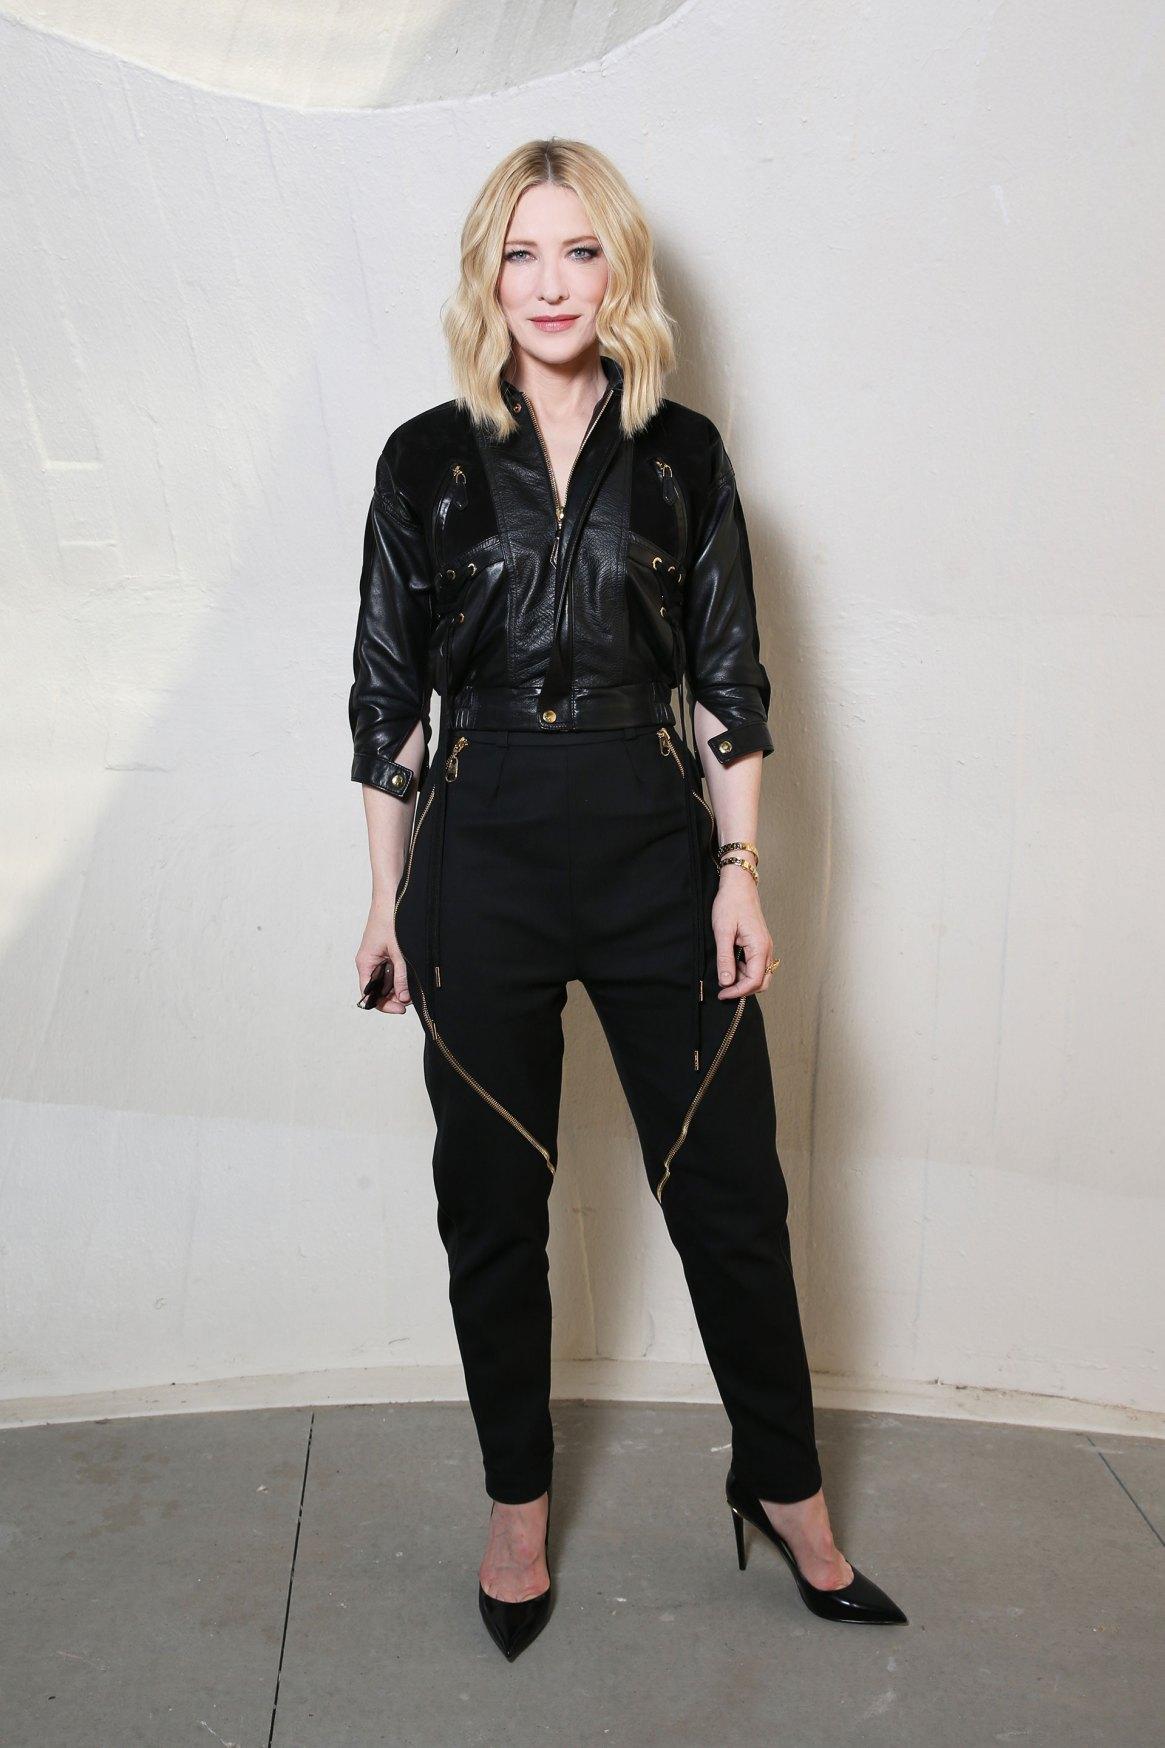 Cate Blanchett siempre elegante.